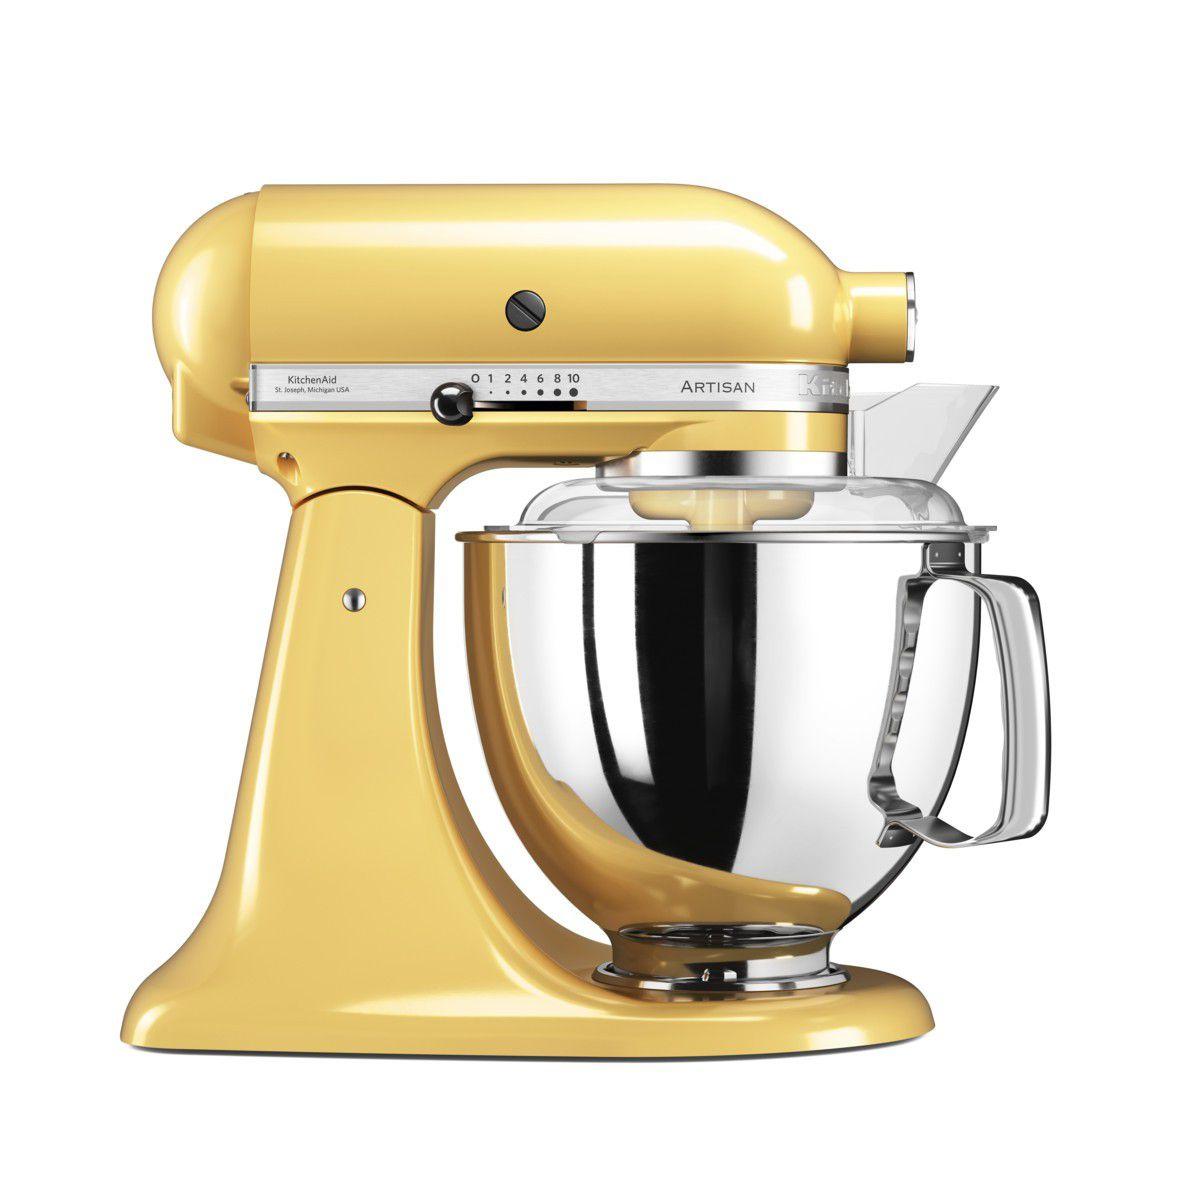 Kitchenaid 4 8 Litre Stand Mixer Majestic Yellow